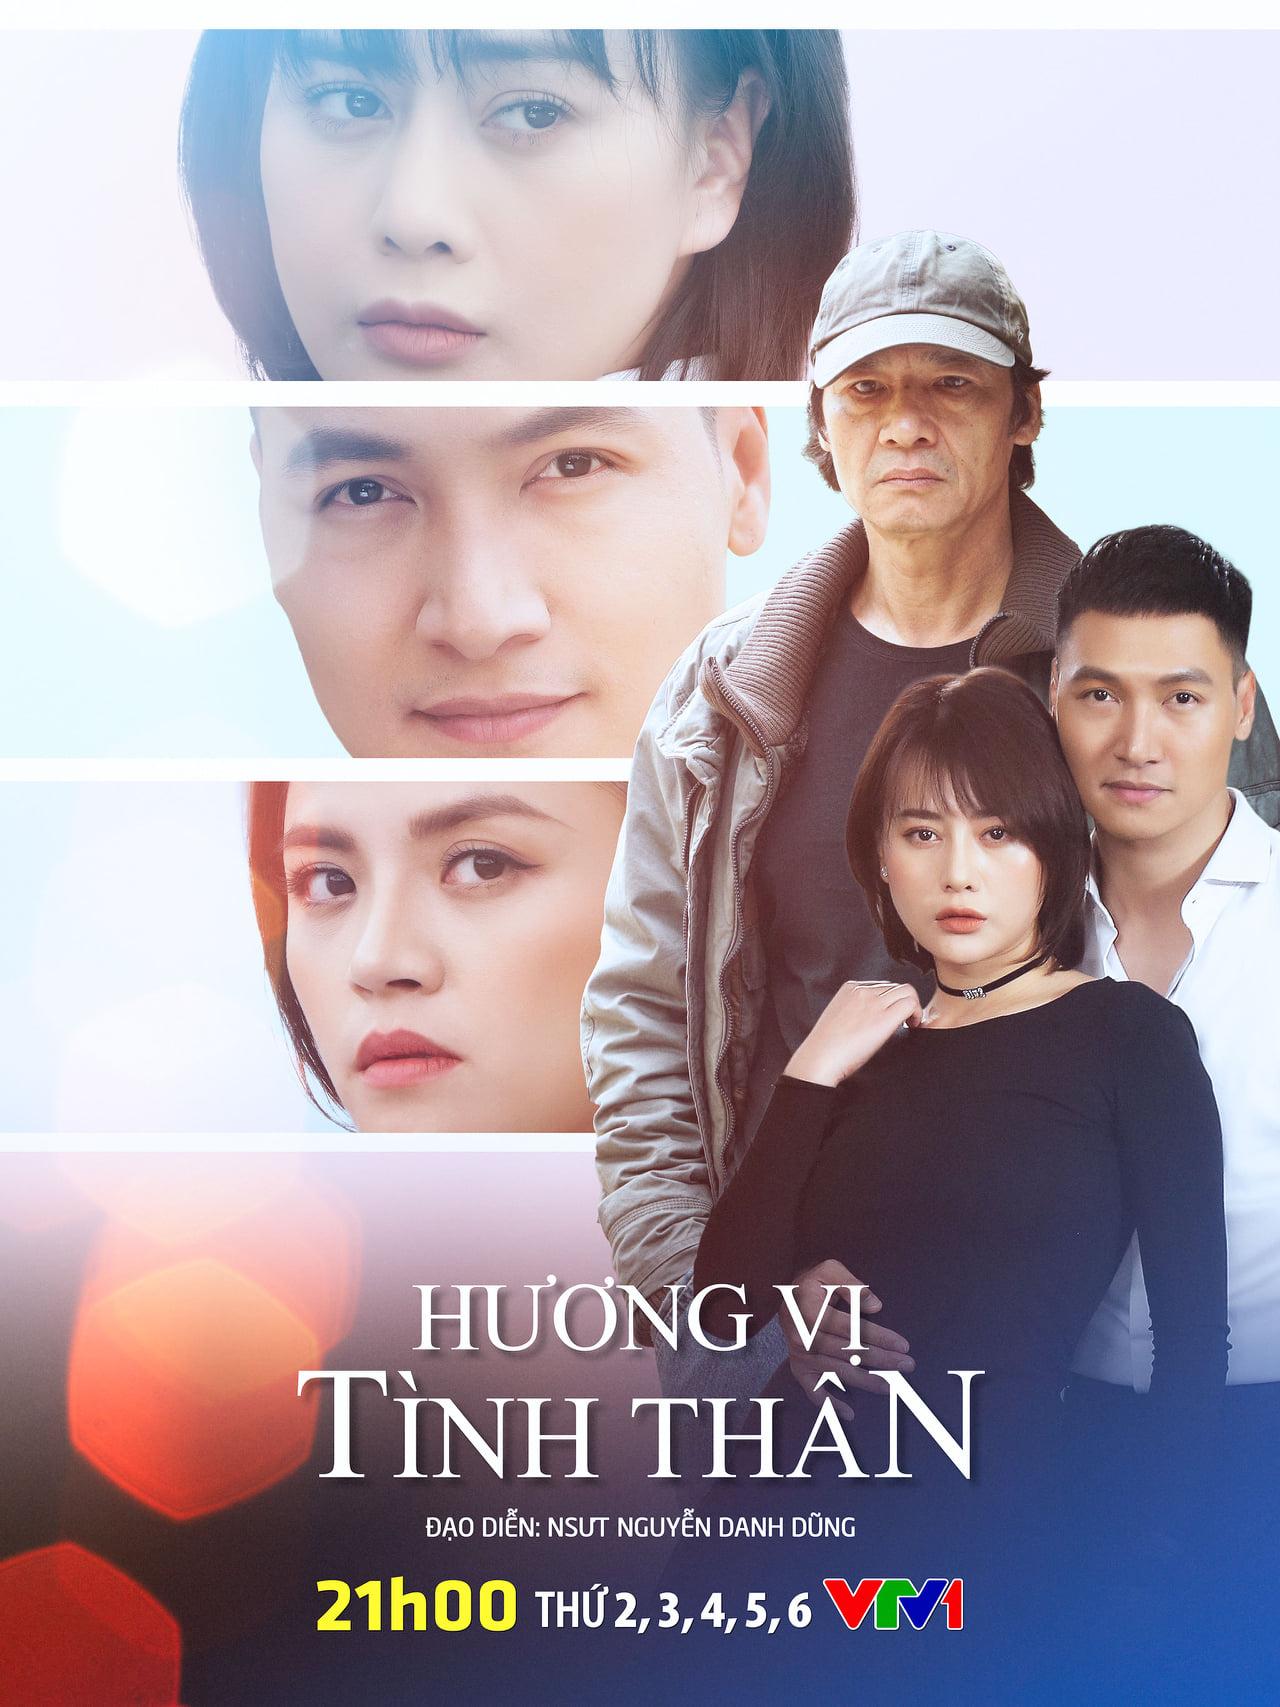 Hương vị tình thân: Thu Quỳnh định phá đám cuộc hẹn hò đầu tiên của Phương Oanh - Mạnh Trường-7